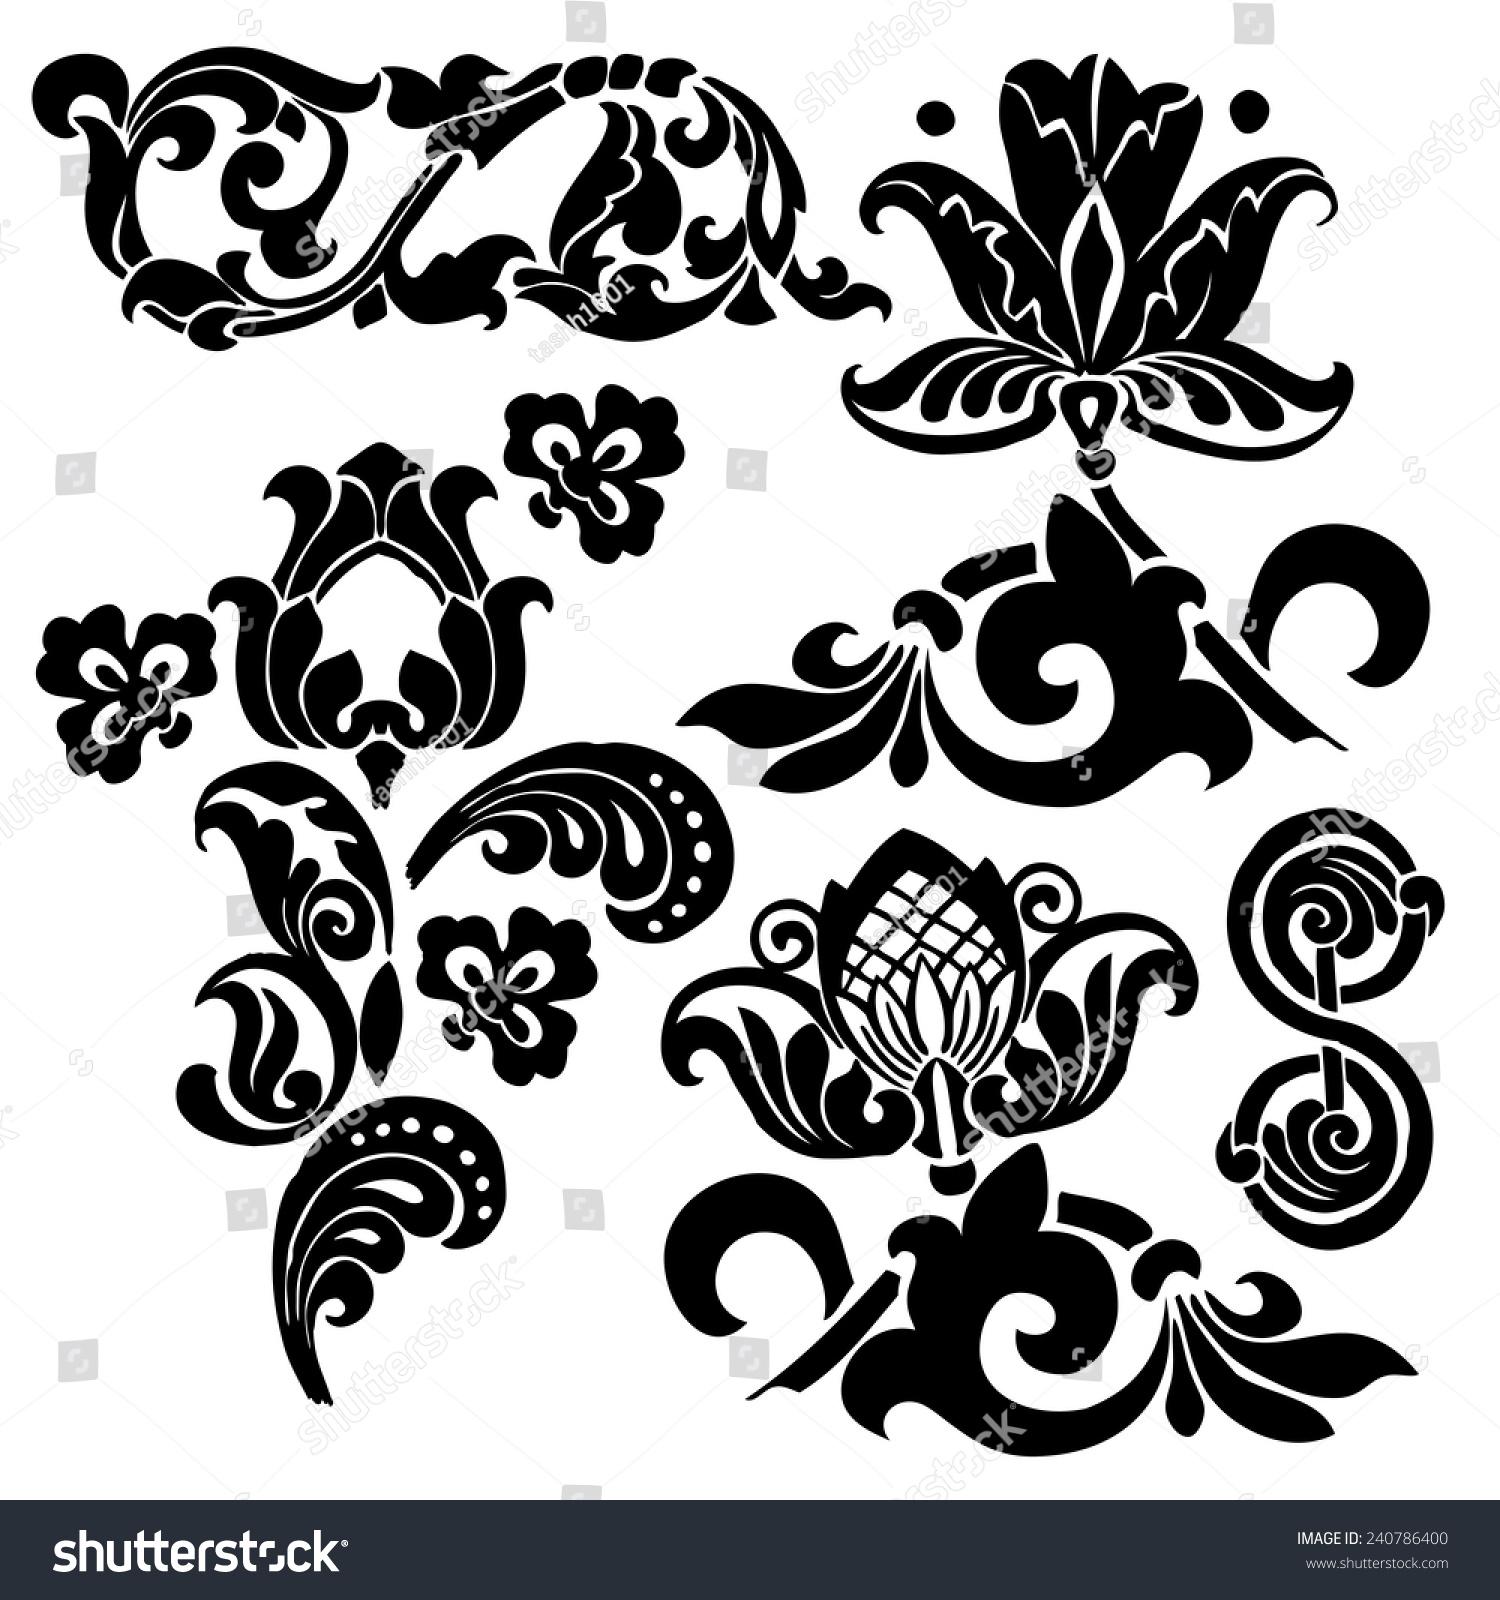 Art deco ornaments - Ornament In Art Nouveau Style Set Of Elements